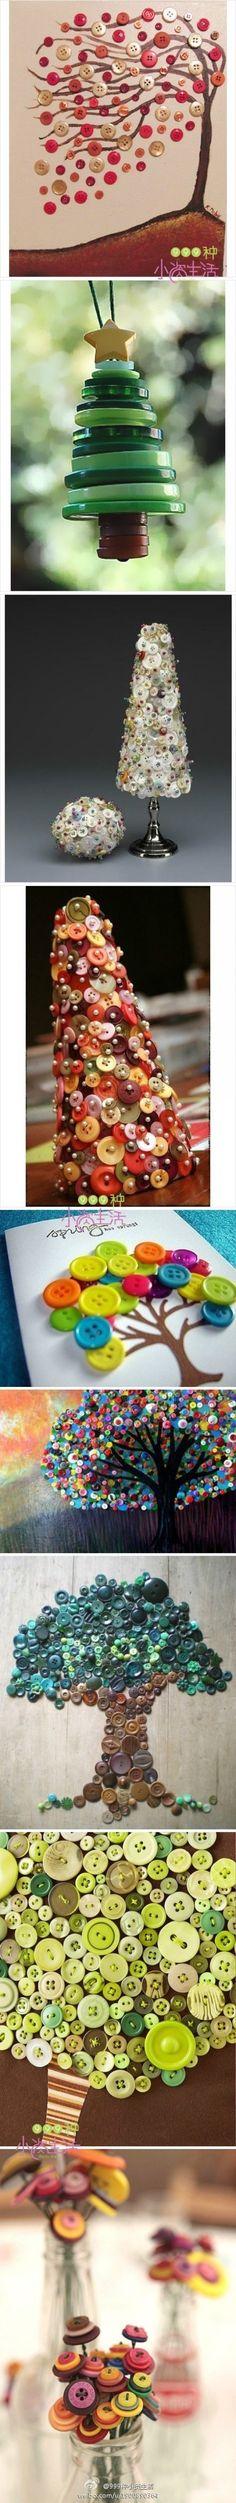 bomen gemaakt van knopen Door yolande